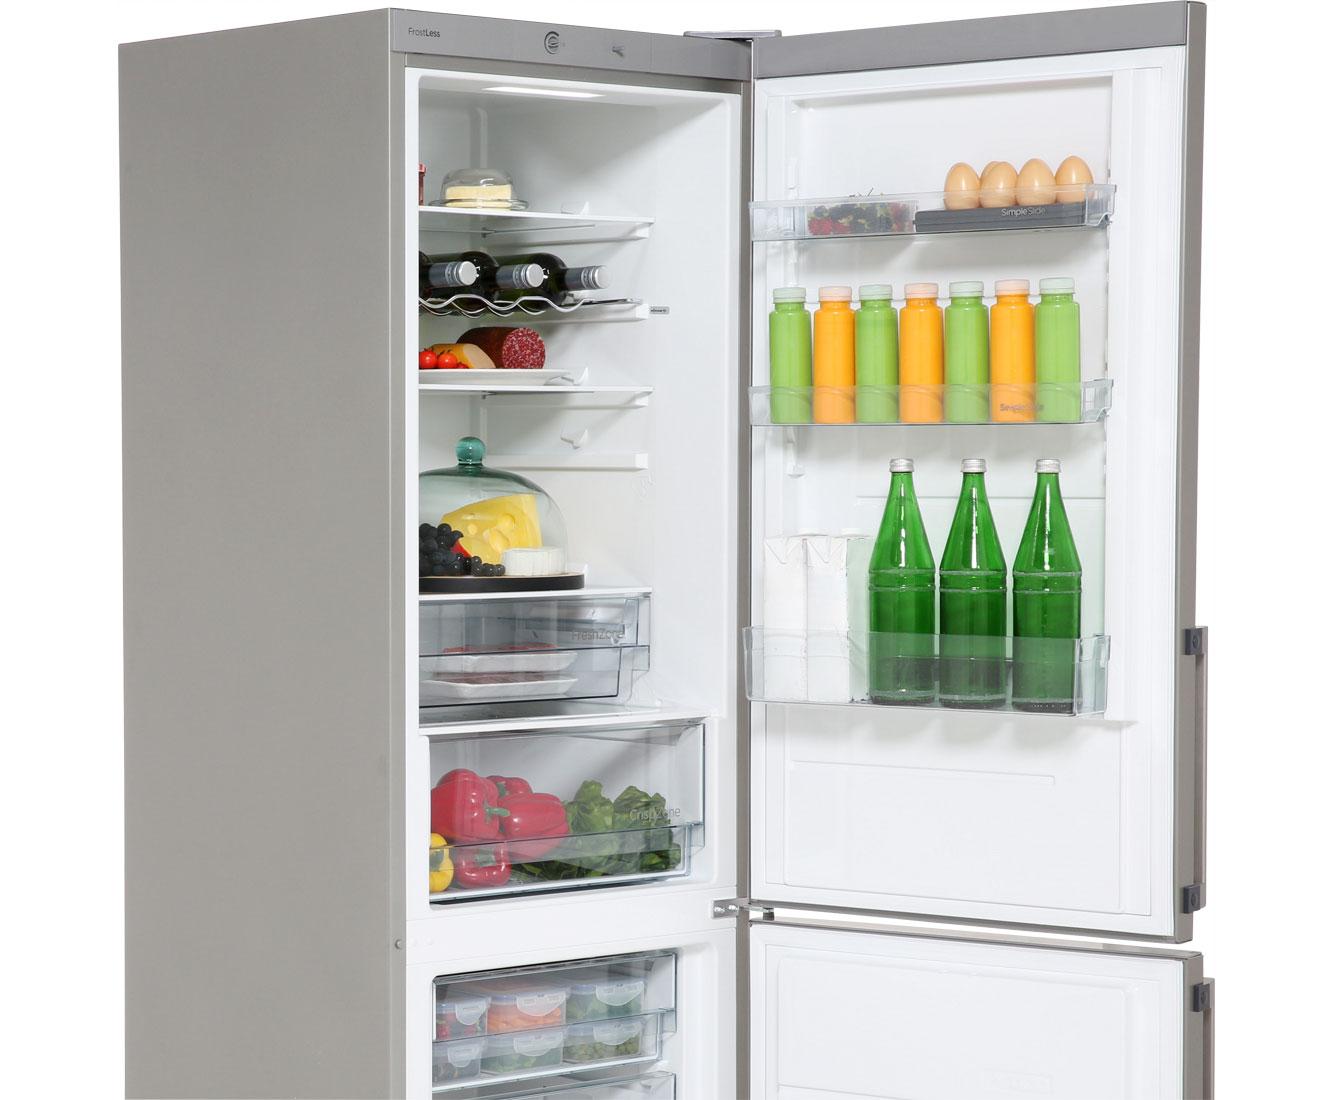 Gorenje Kühlschrank Kombi : Gorenje kühlschrank kombi abtauen: stand kühlen und gefrieren